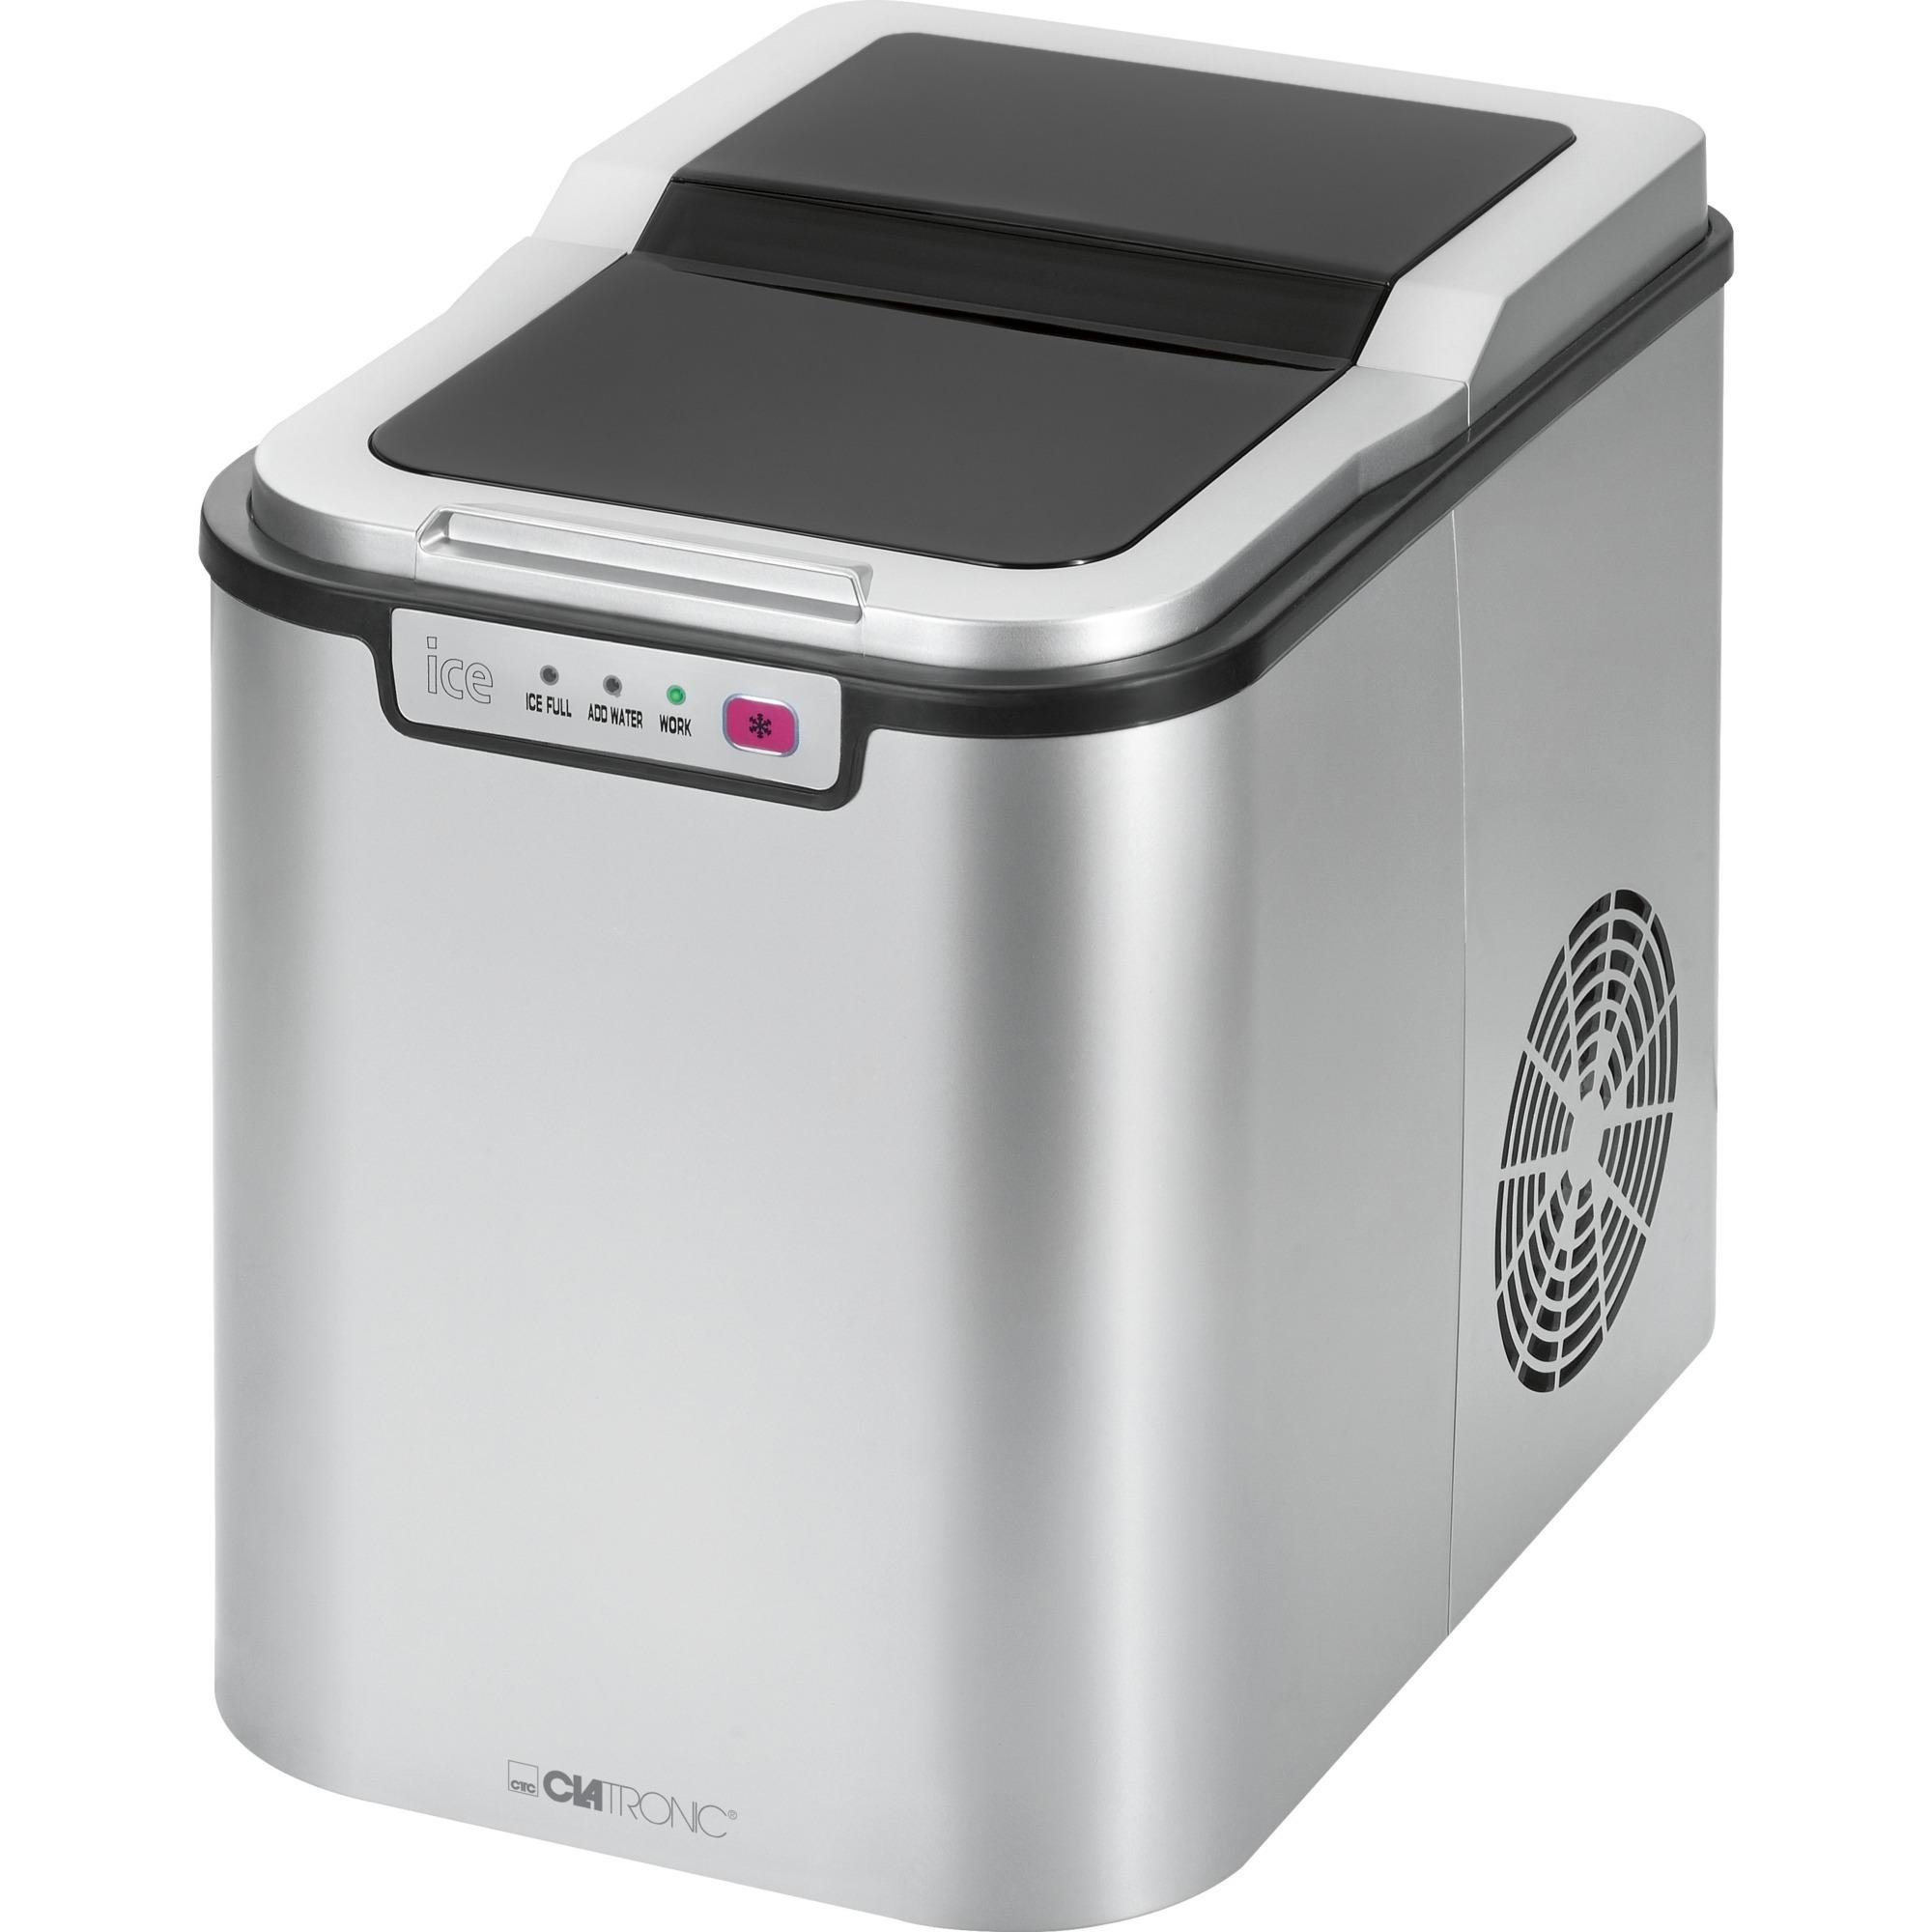 EWB 3526 máquina de cubo de hielo 150 W 15 kg/24h Plata, Preparador de cubitos de hielo